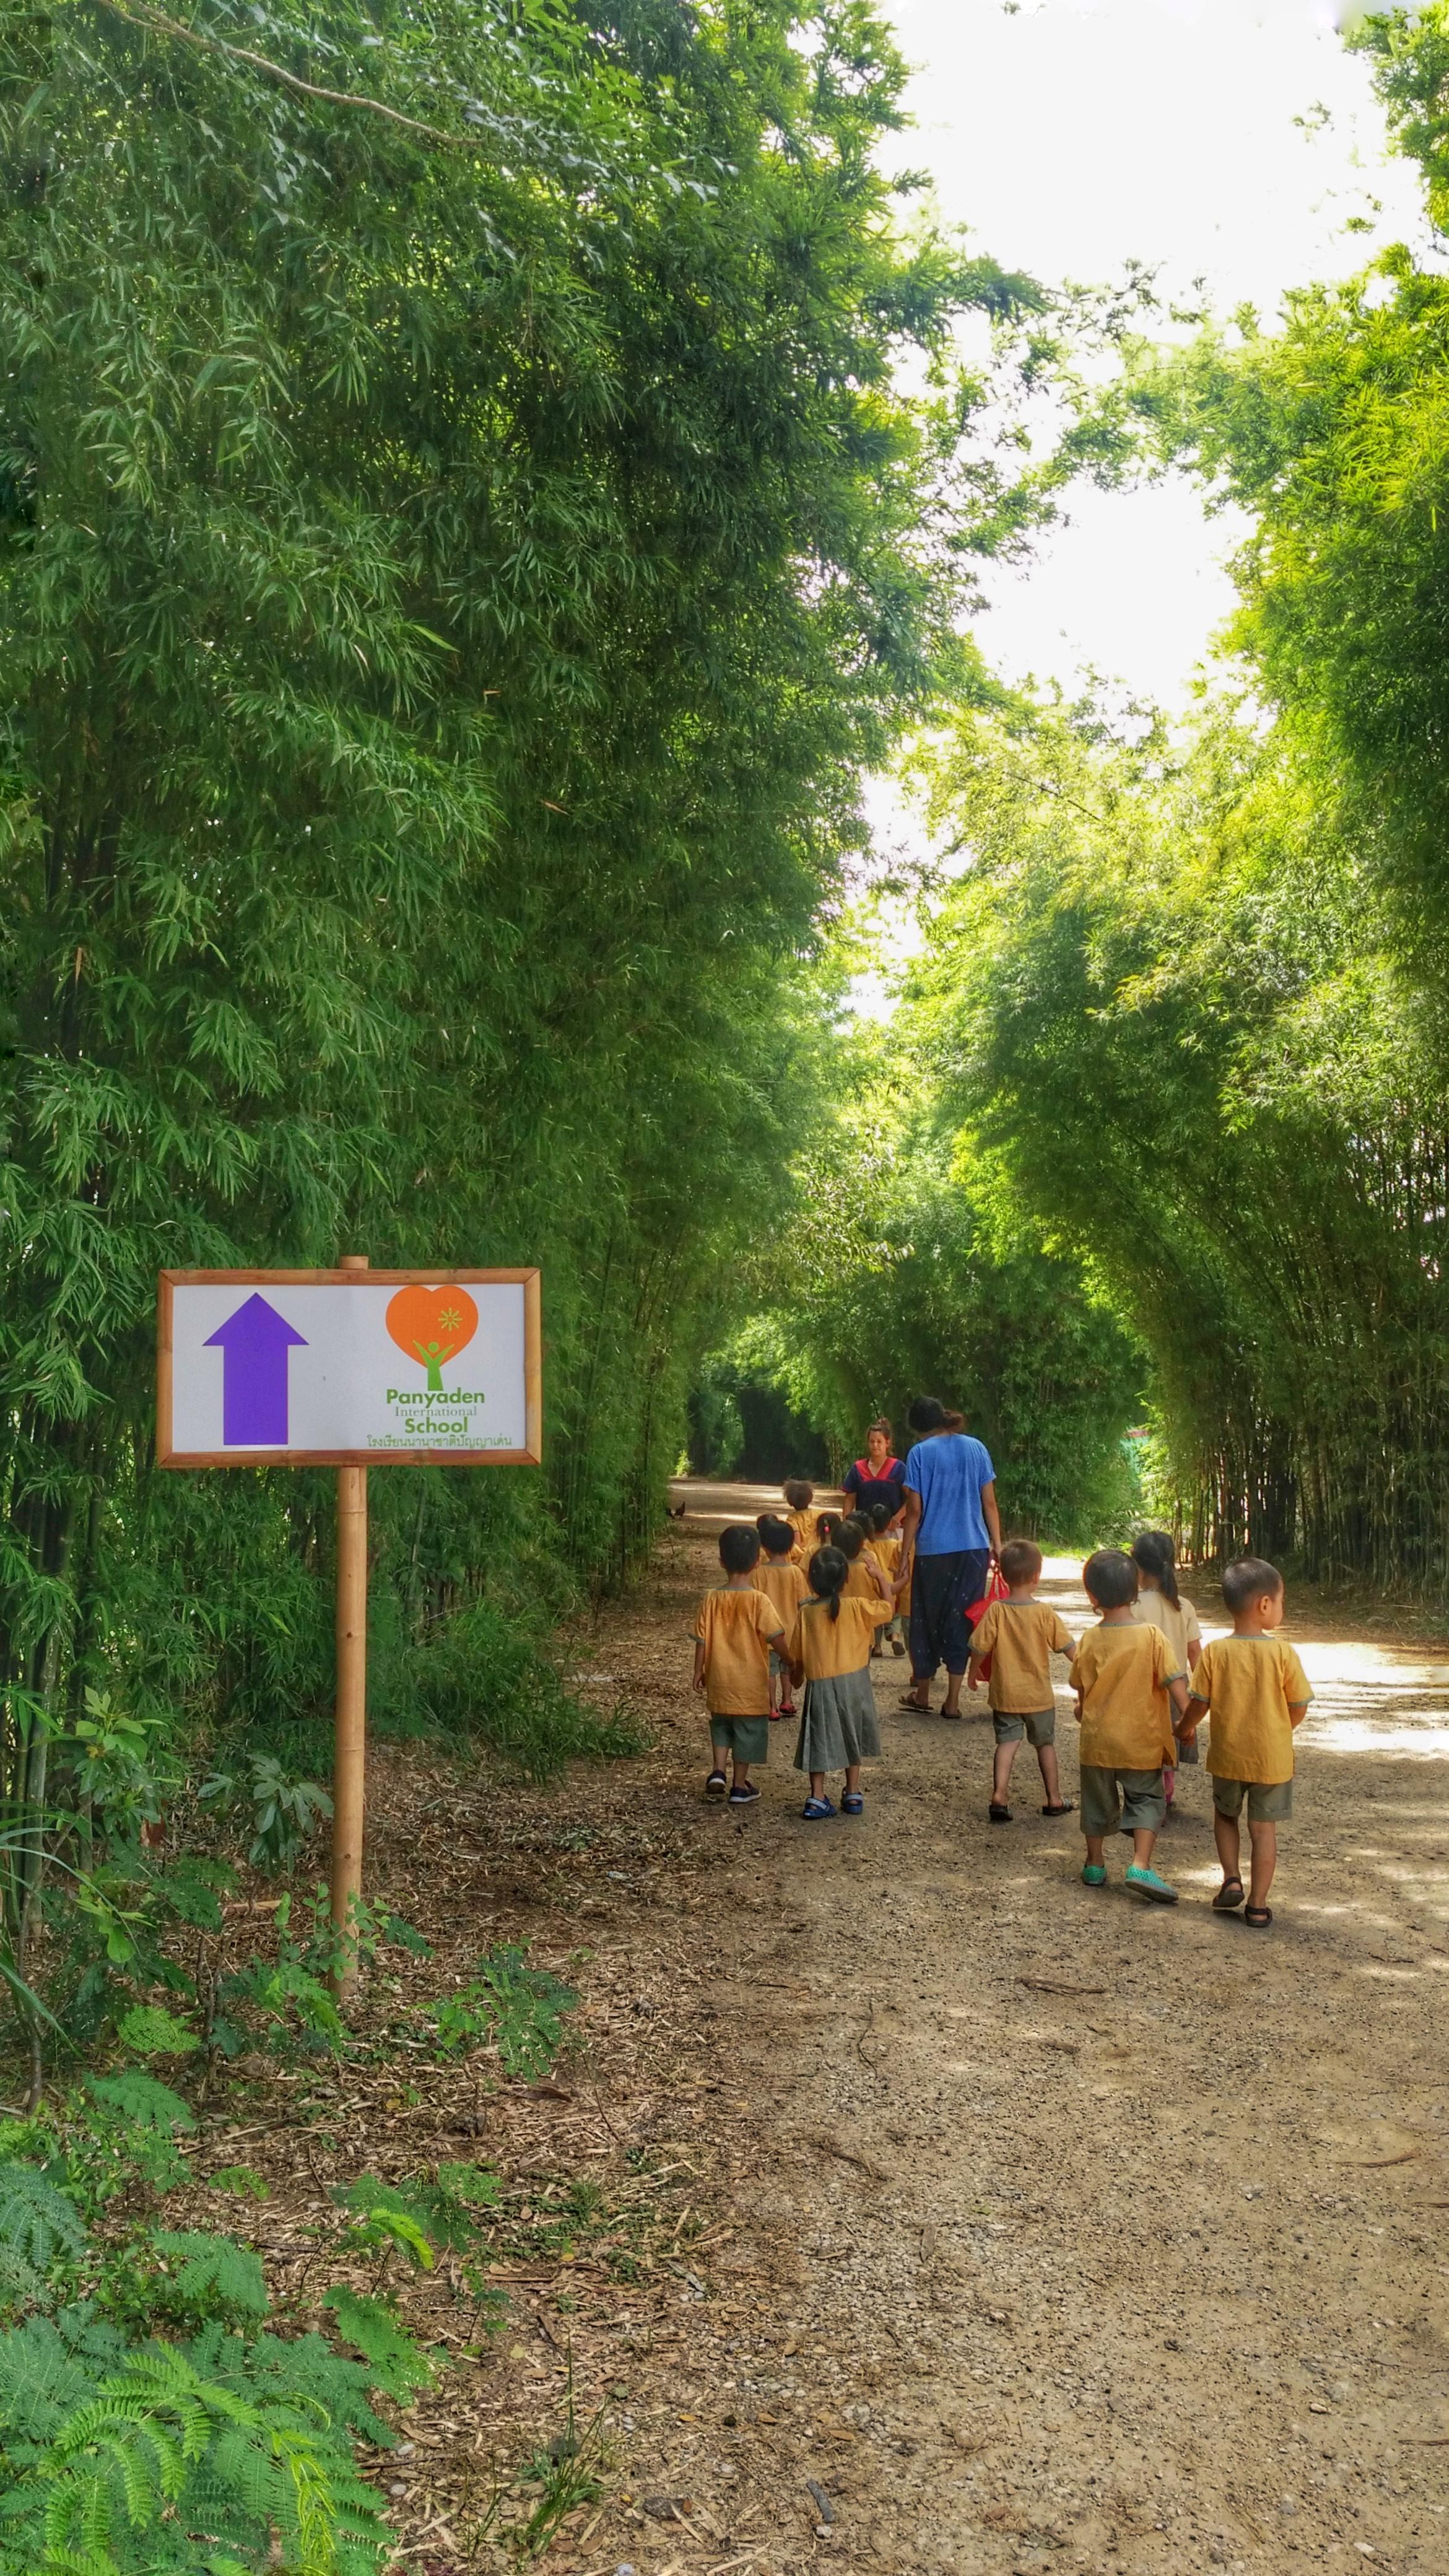 img_25590927_105339-01 Kindergarten 1 students walking back to school, Panyaden International School